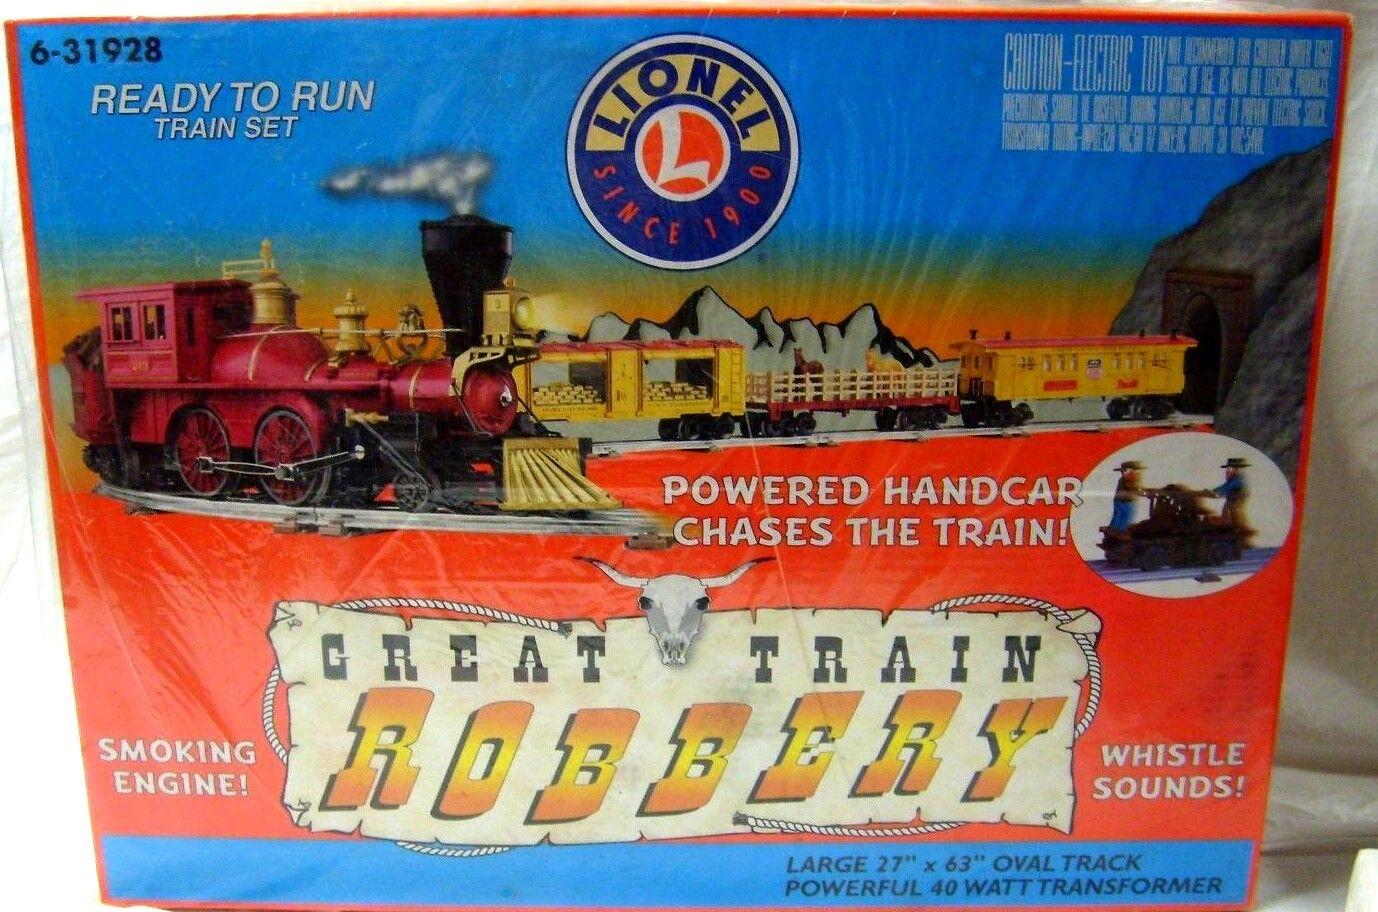 LIONEL 6-31928 GREAT TRAIN ROBBERY SET W  HAND CAR CAR CAR & SOUND 4883ca